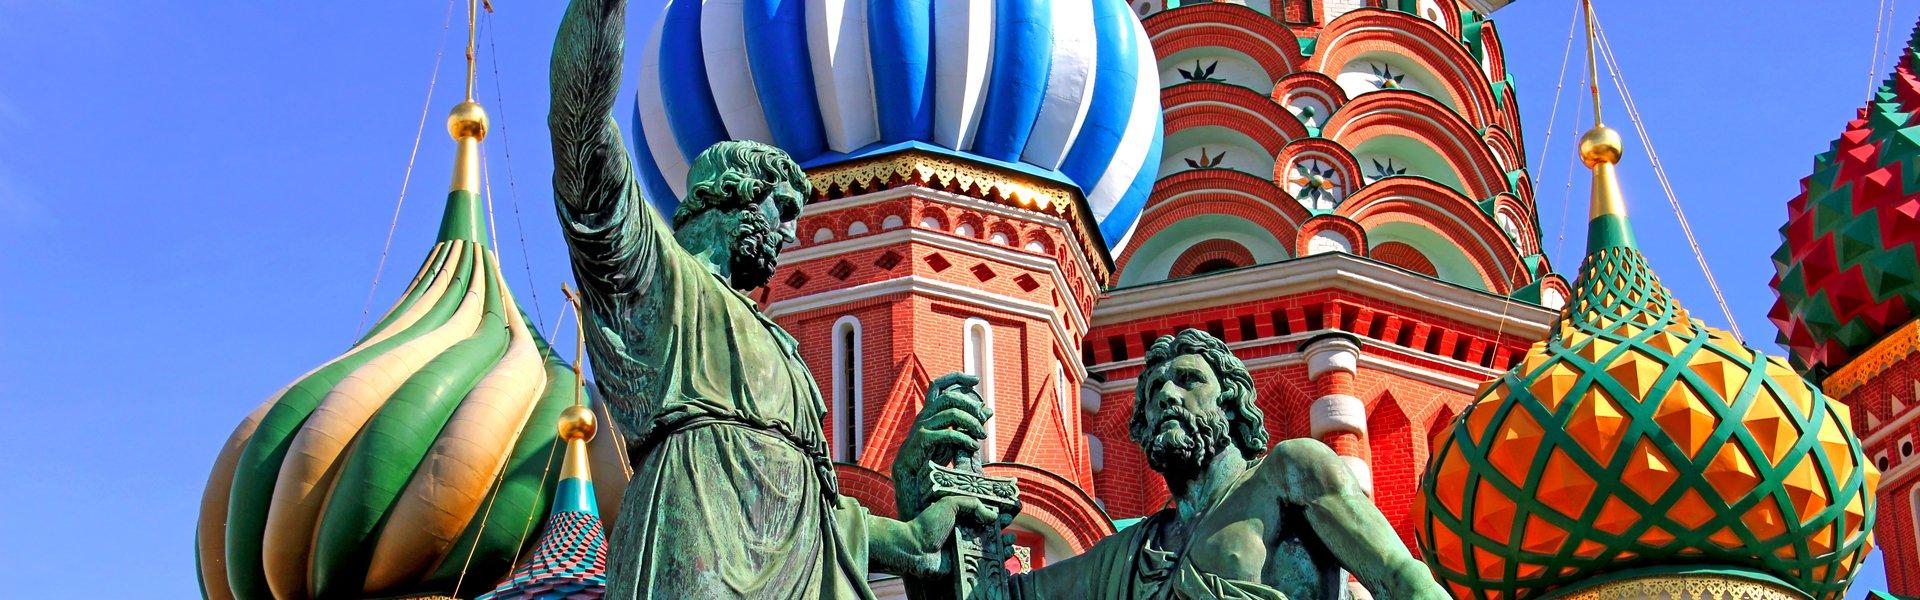 Basiliuskathedral op het Rode Plein in Moskou, Rusland